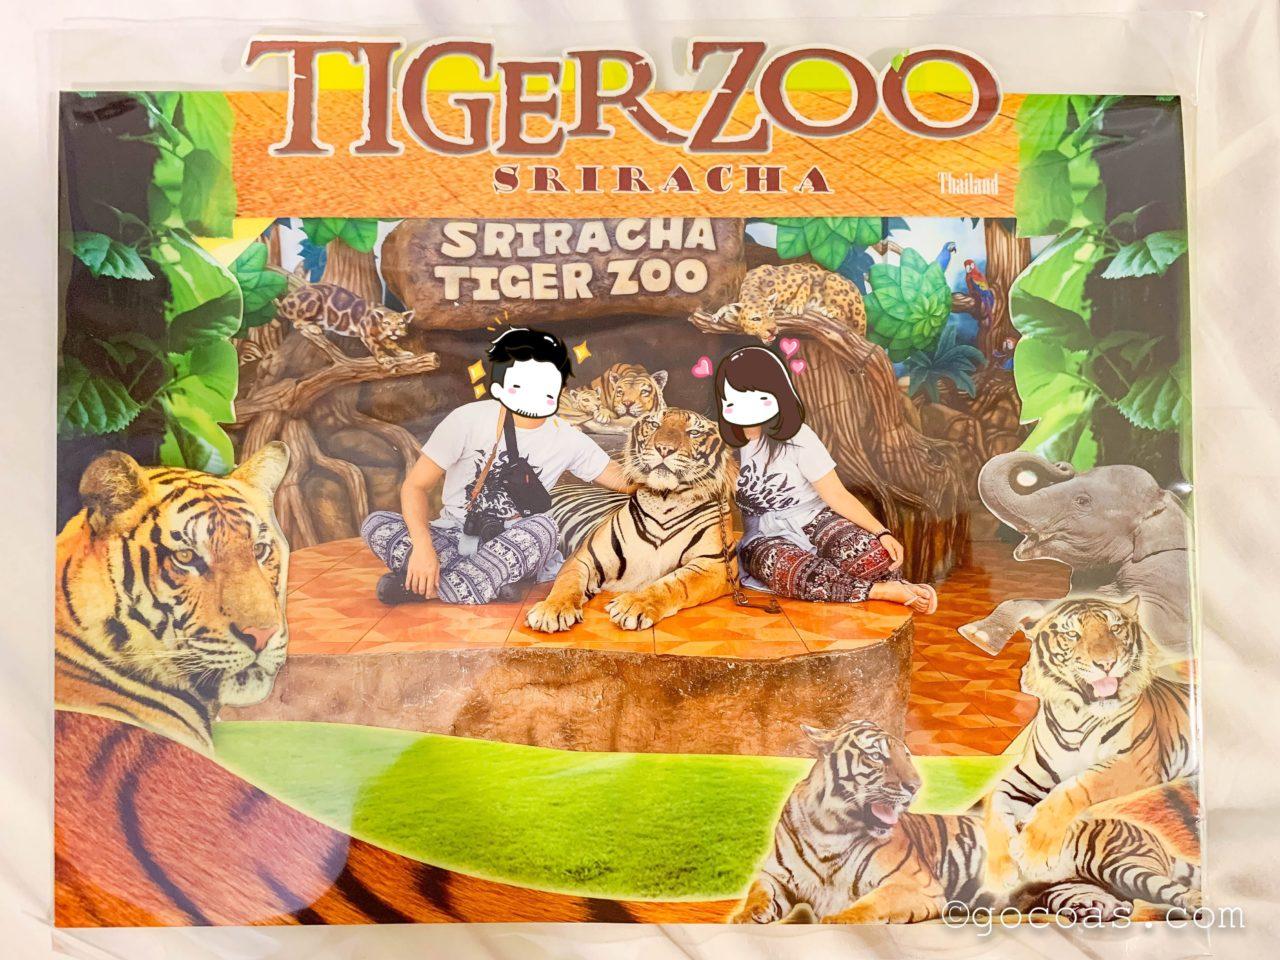 シラチャタイガーズーでトラのと映るこーしとあいりの写真